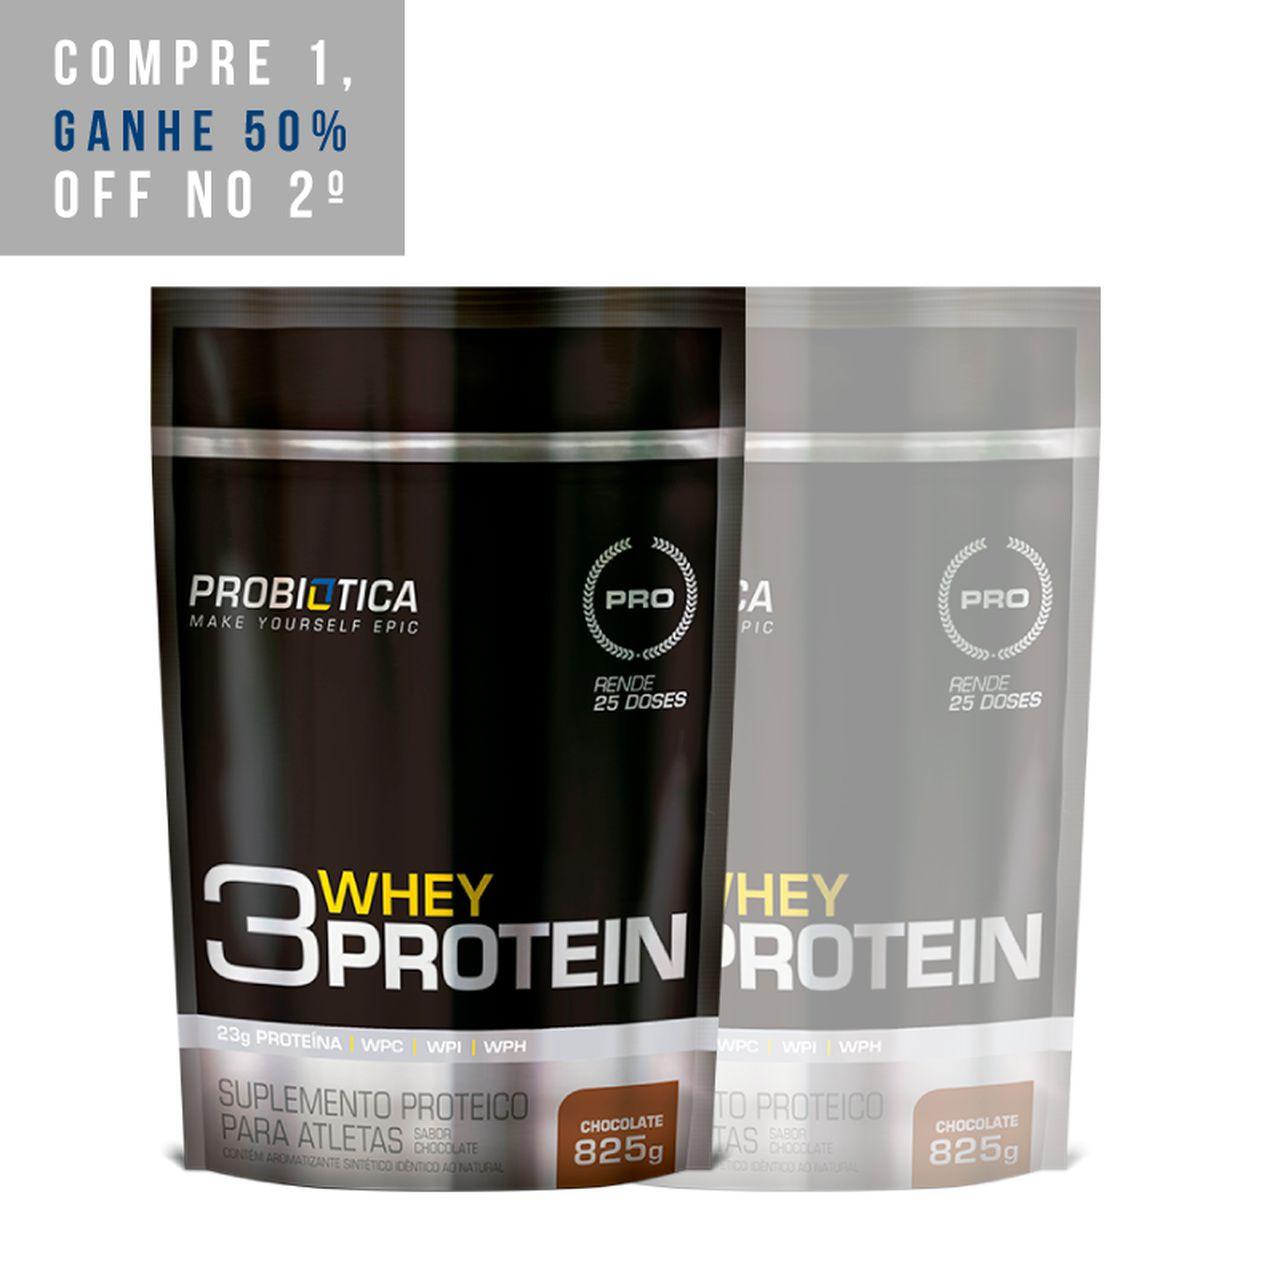 2x 3 Whey Protein 825g - Probiotica